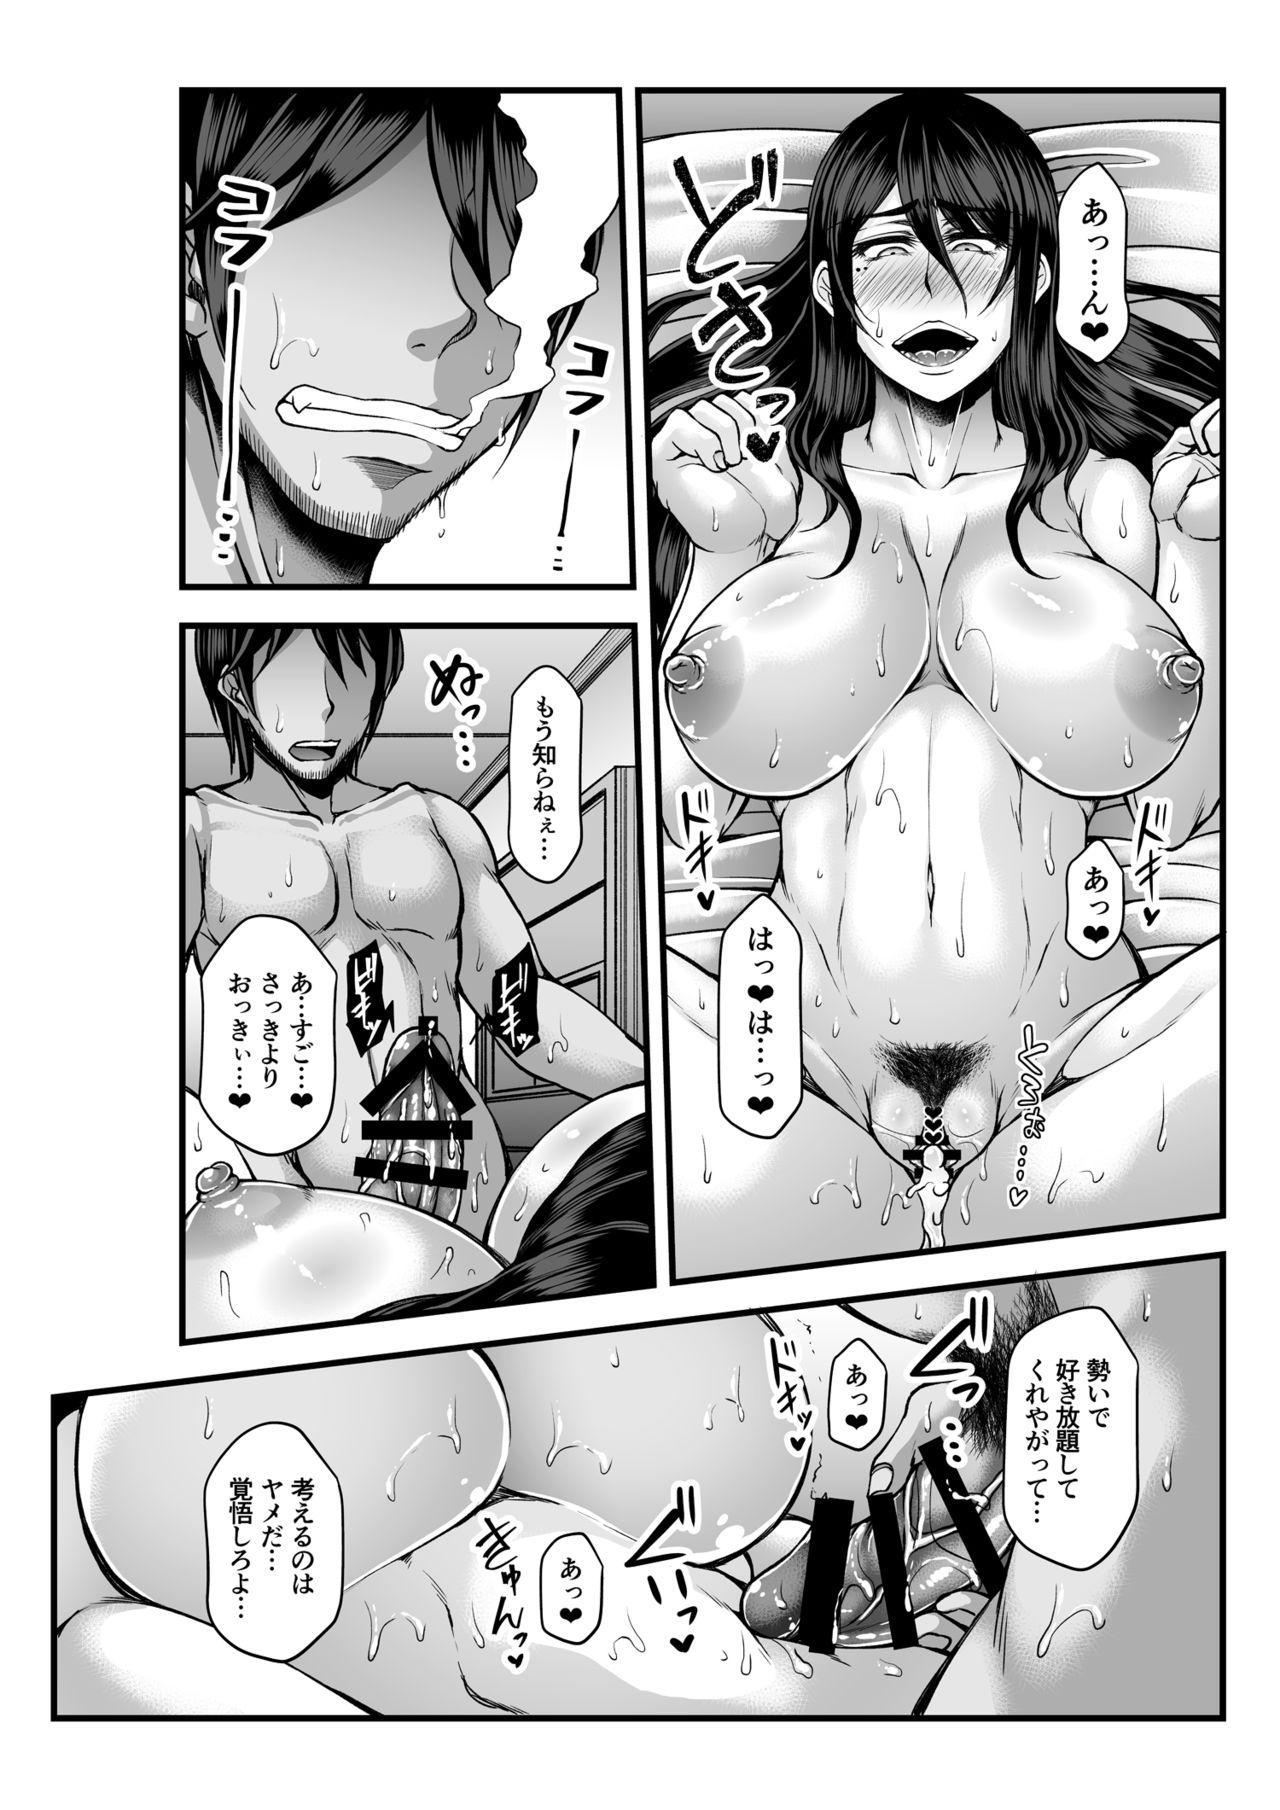 Toshinose wa Tsugou no Ii Nukumori to... 23